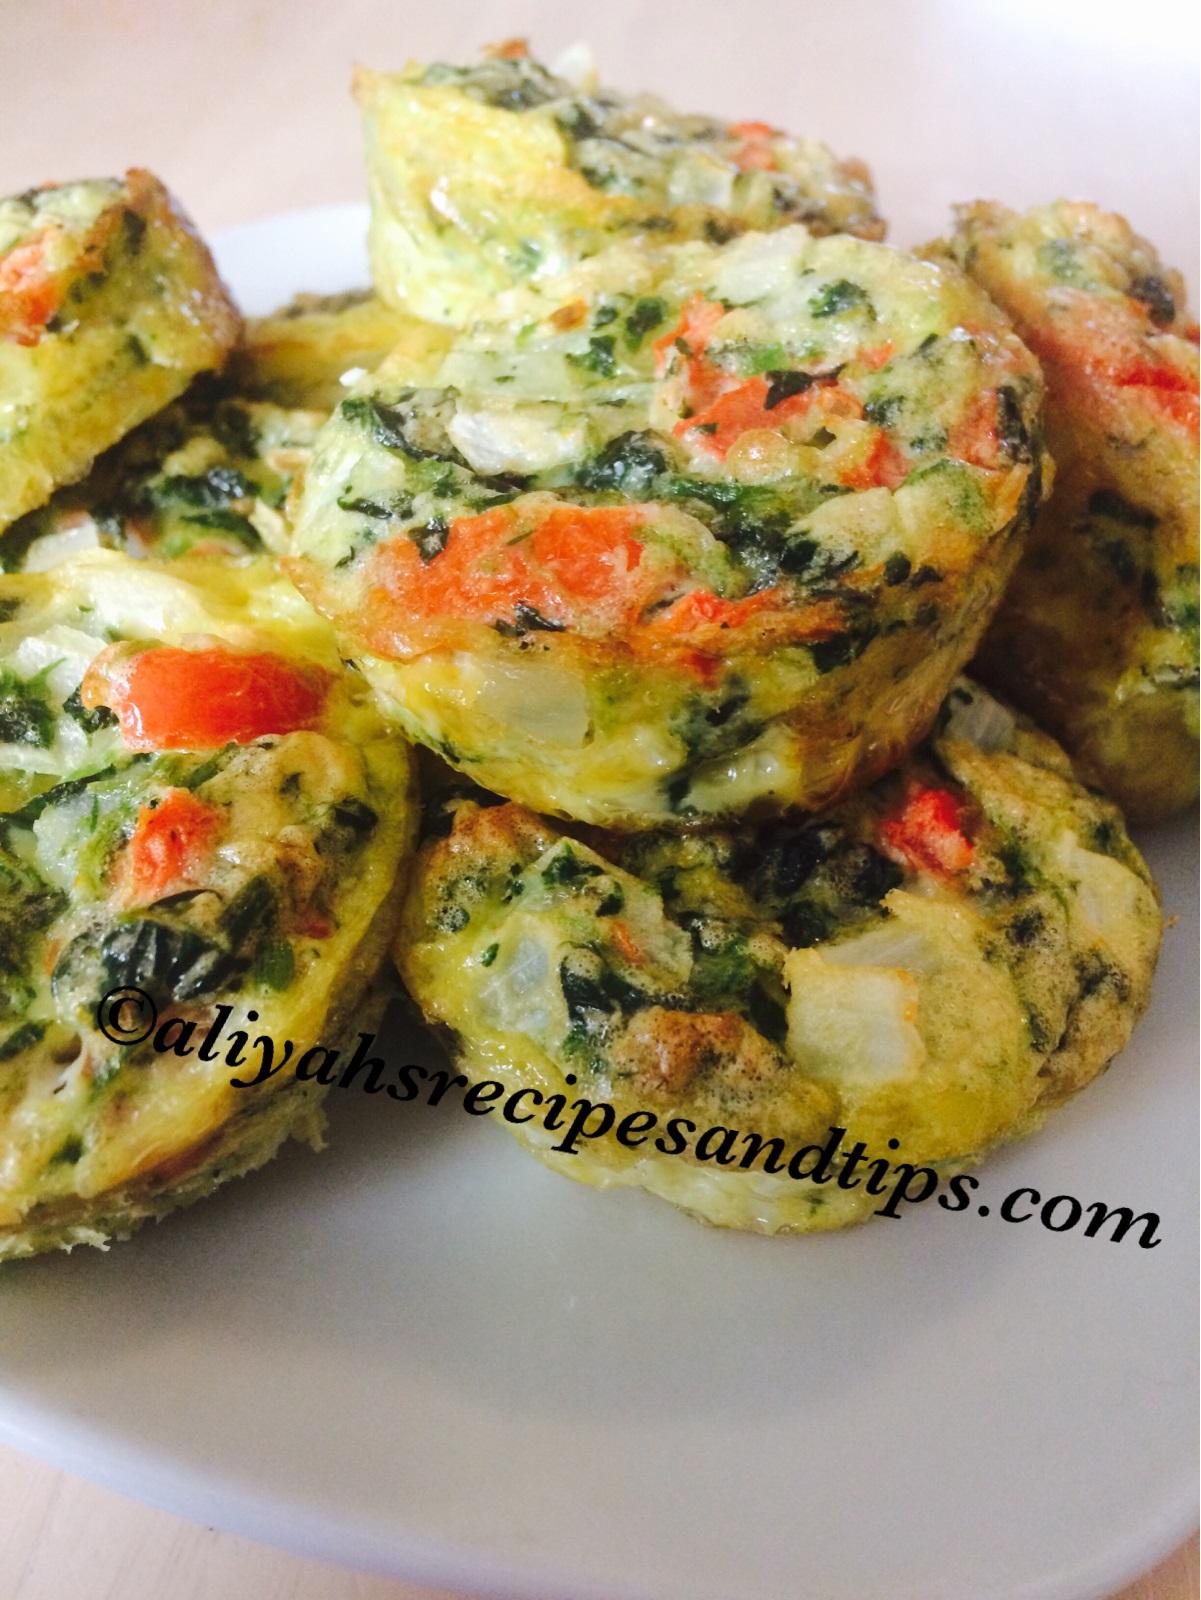 egg muffins, breakfast, brekkie, eggs, muffins, easy breakfast, poached eggs, muffin eggs, breakfast inspirations, brekky